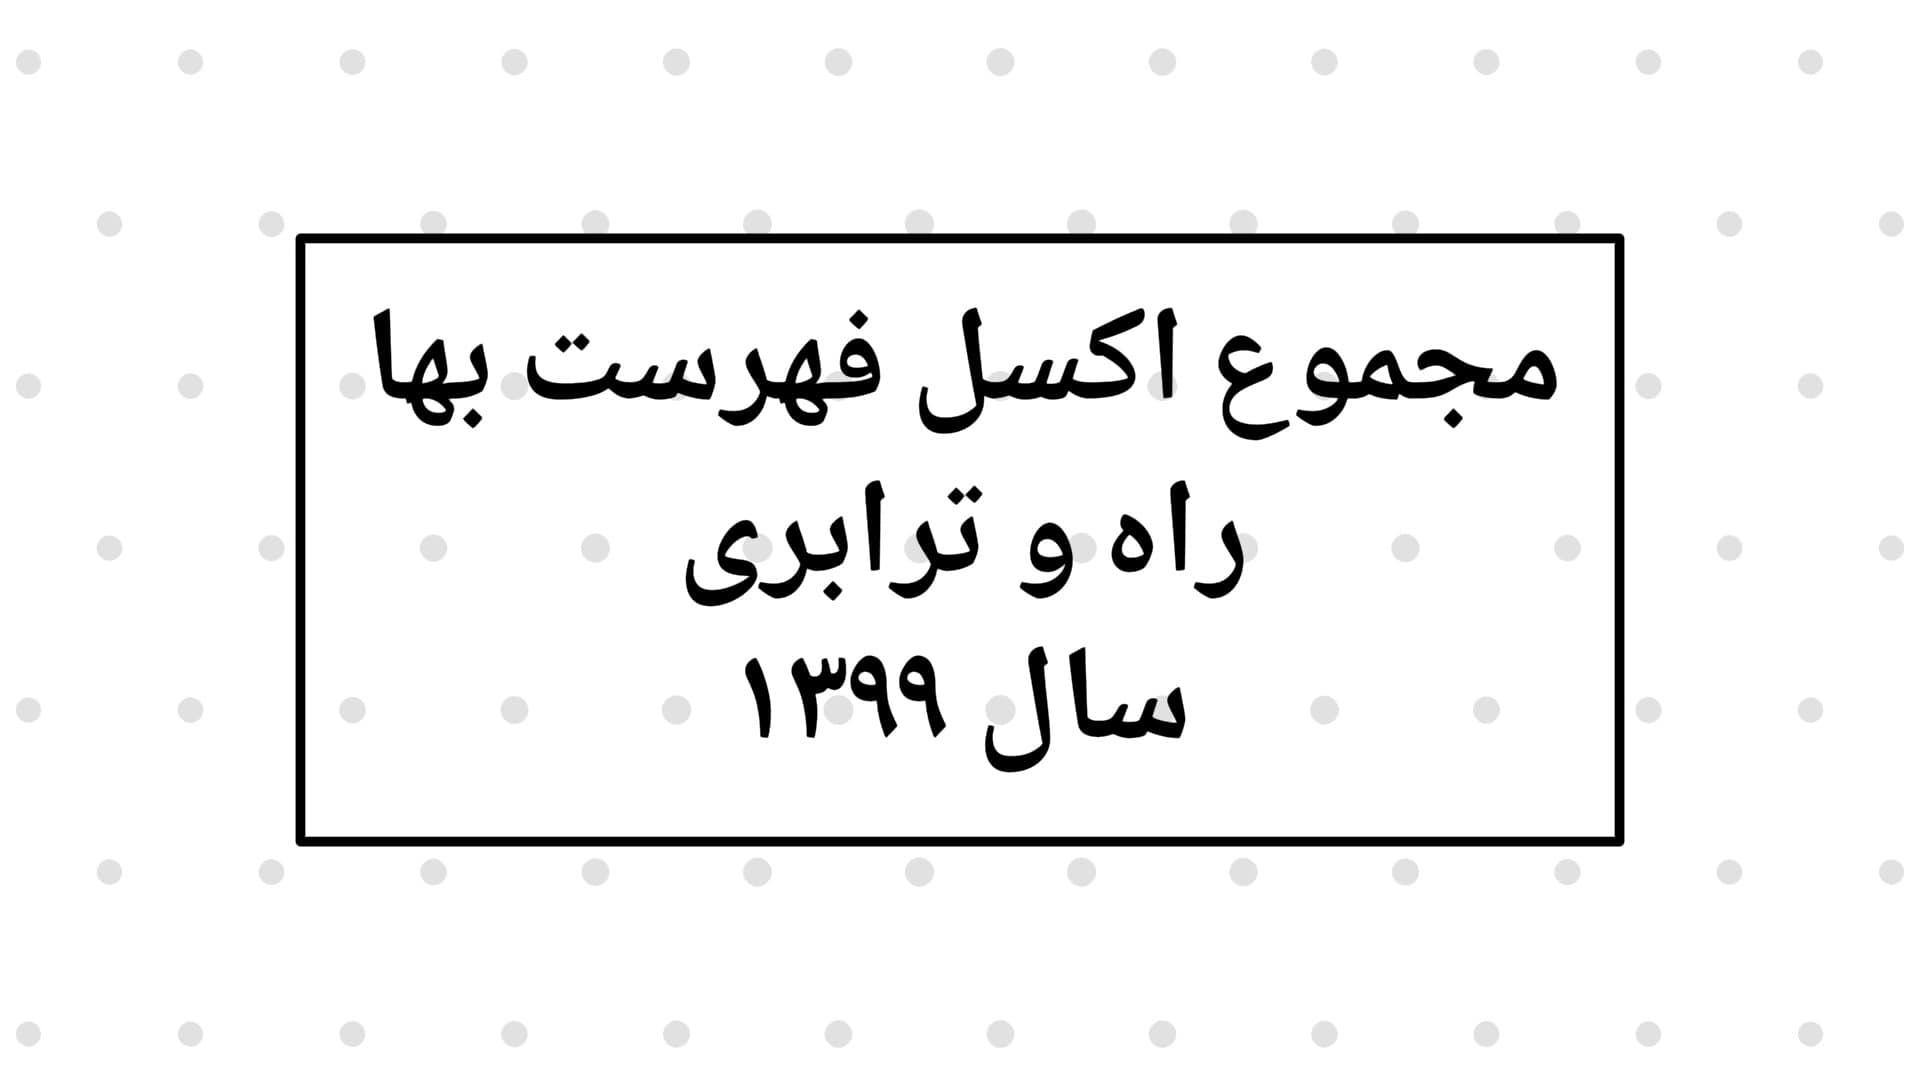 اکسل فهرست بها راه و ترابری 99